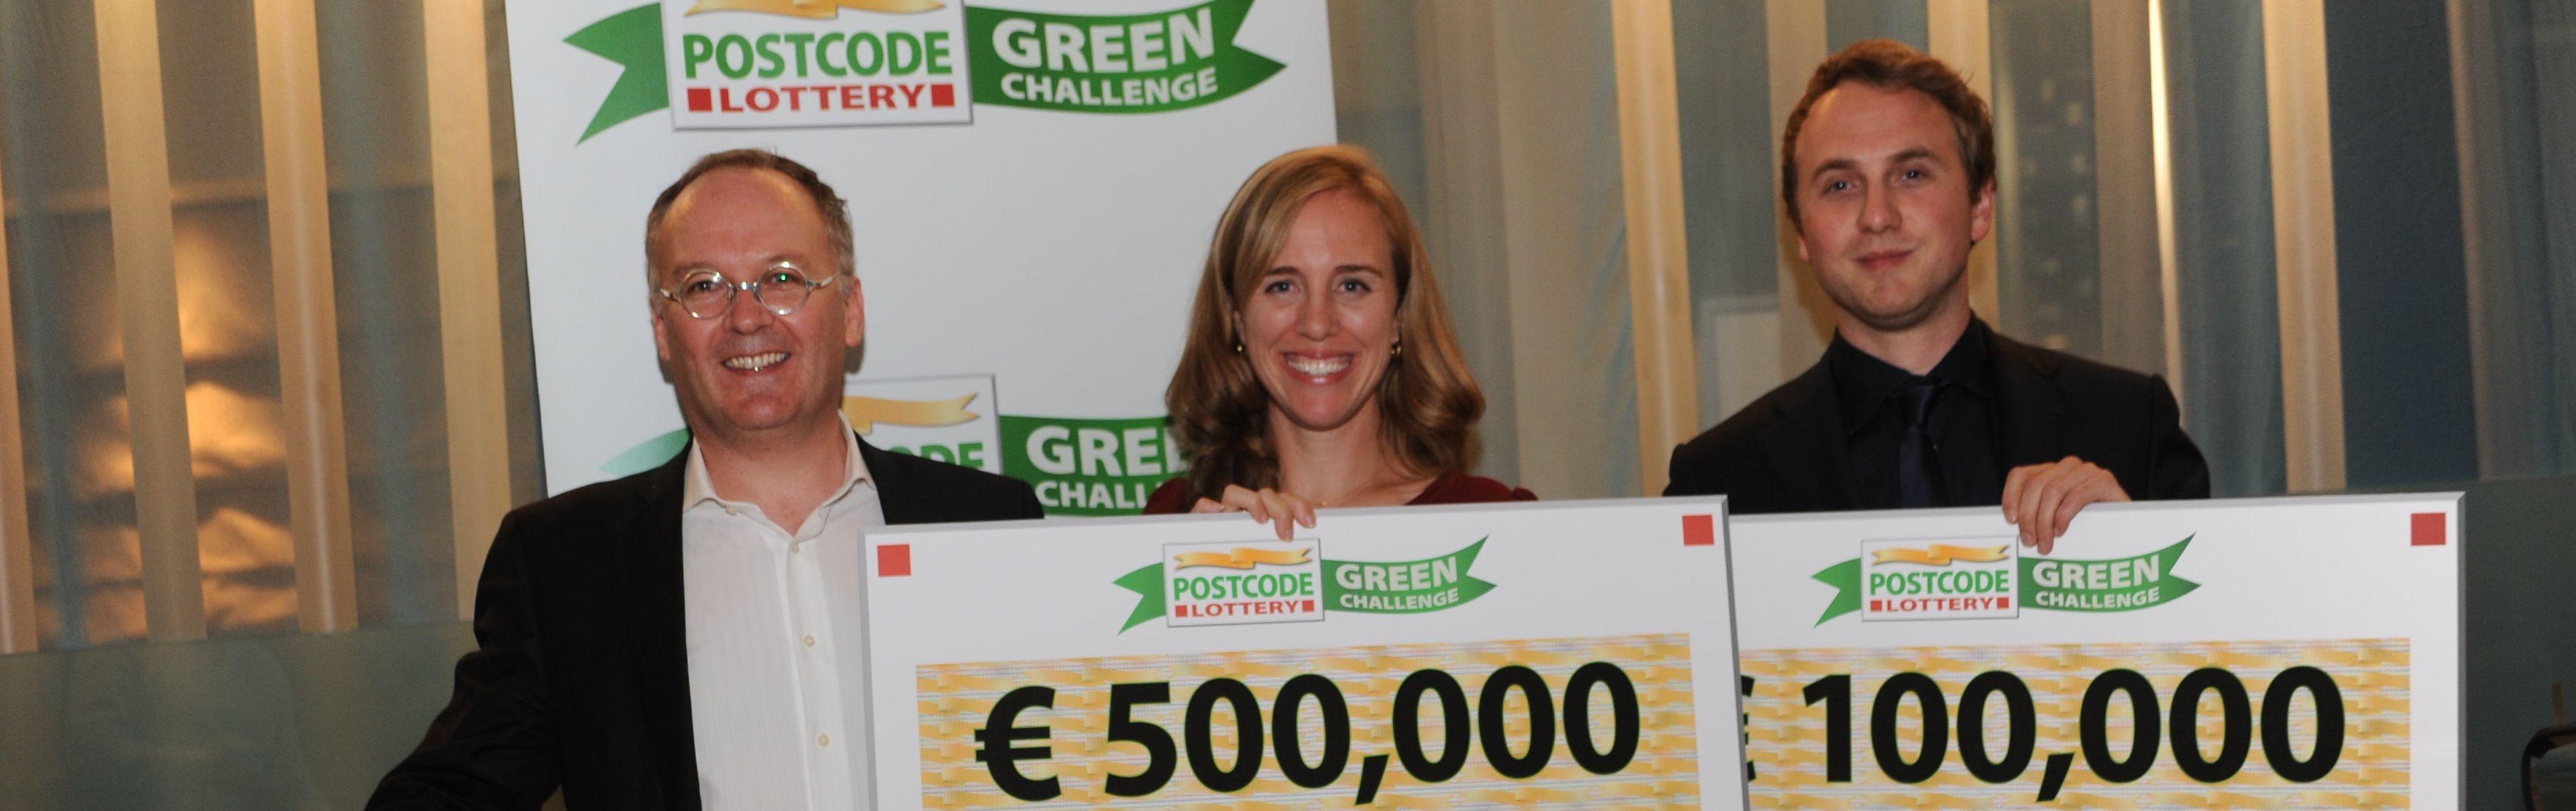 Prijzen Postcode Lottery Green Challenge uitgereikt